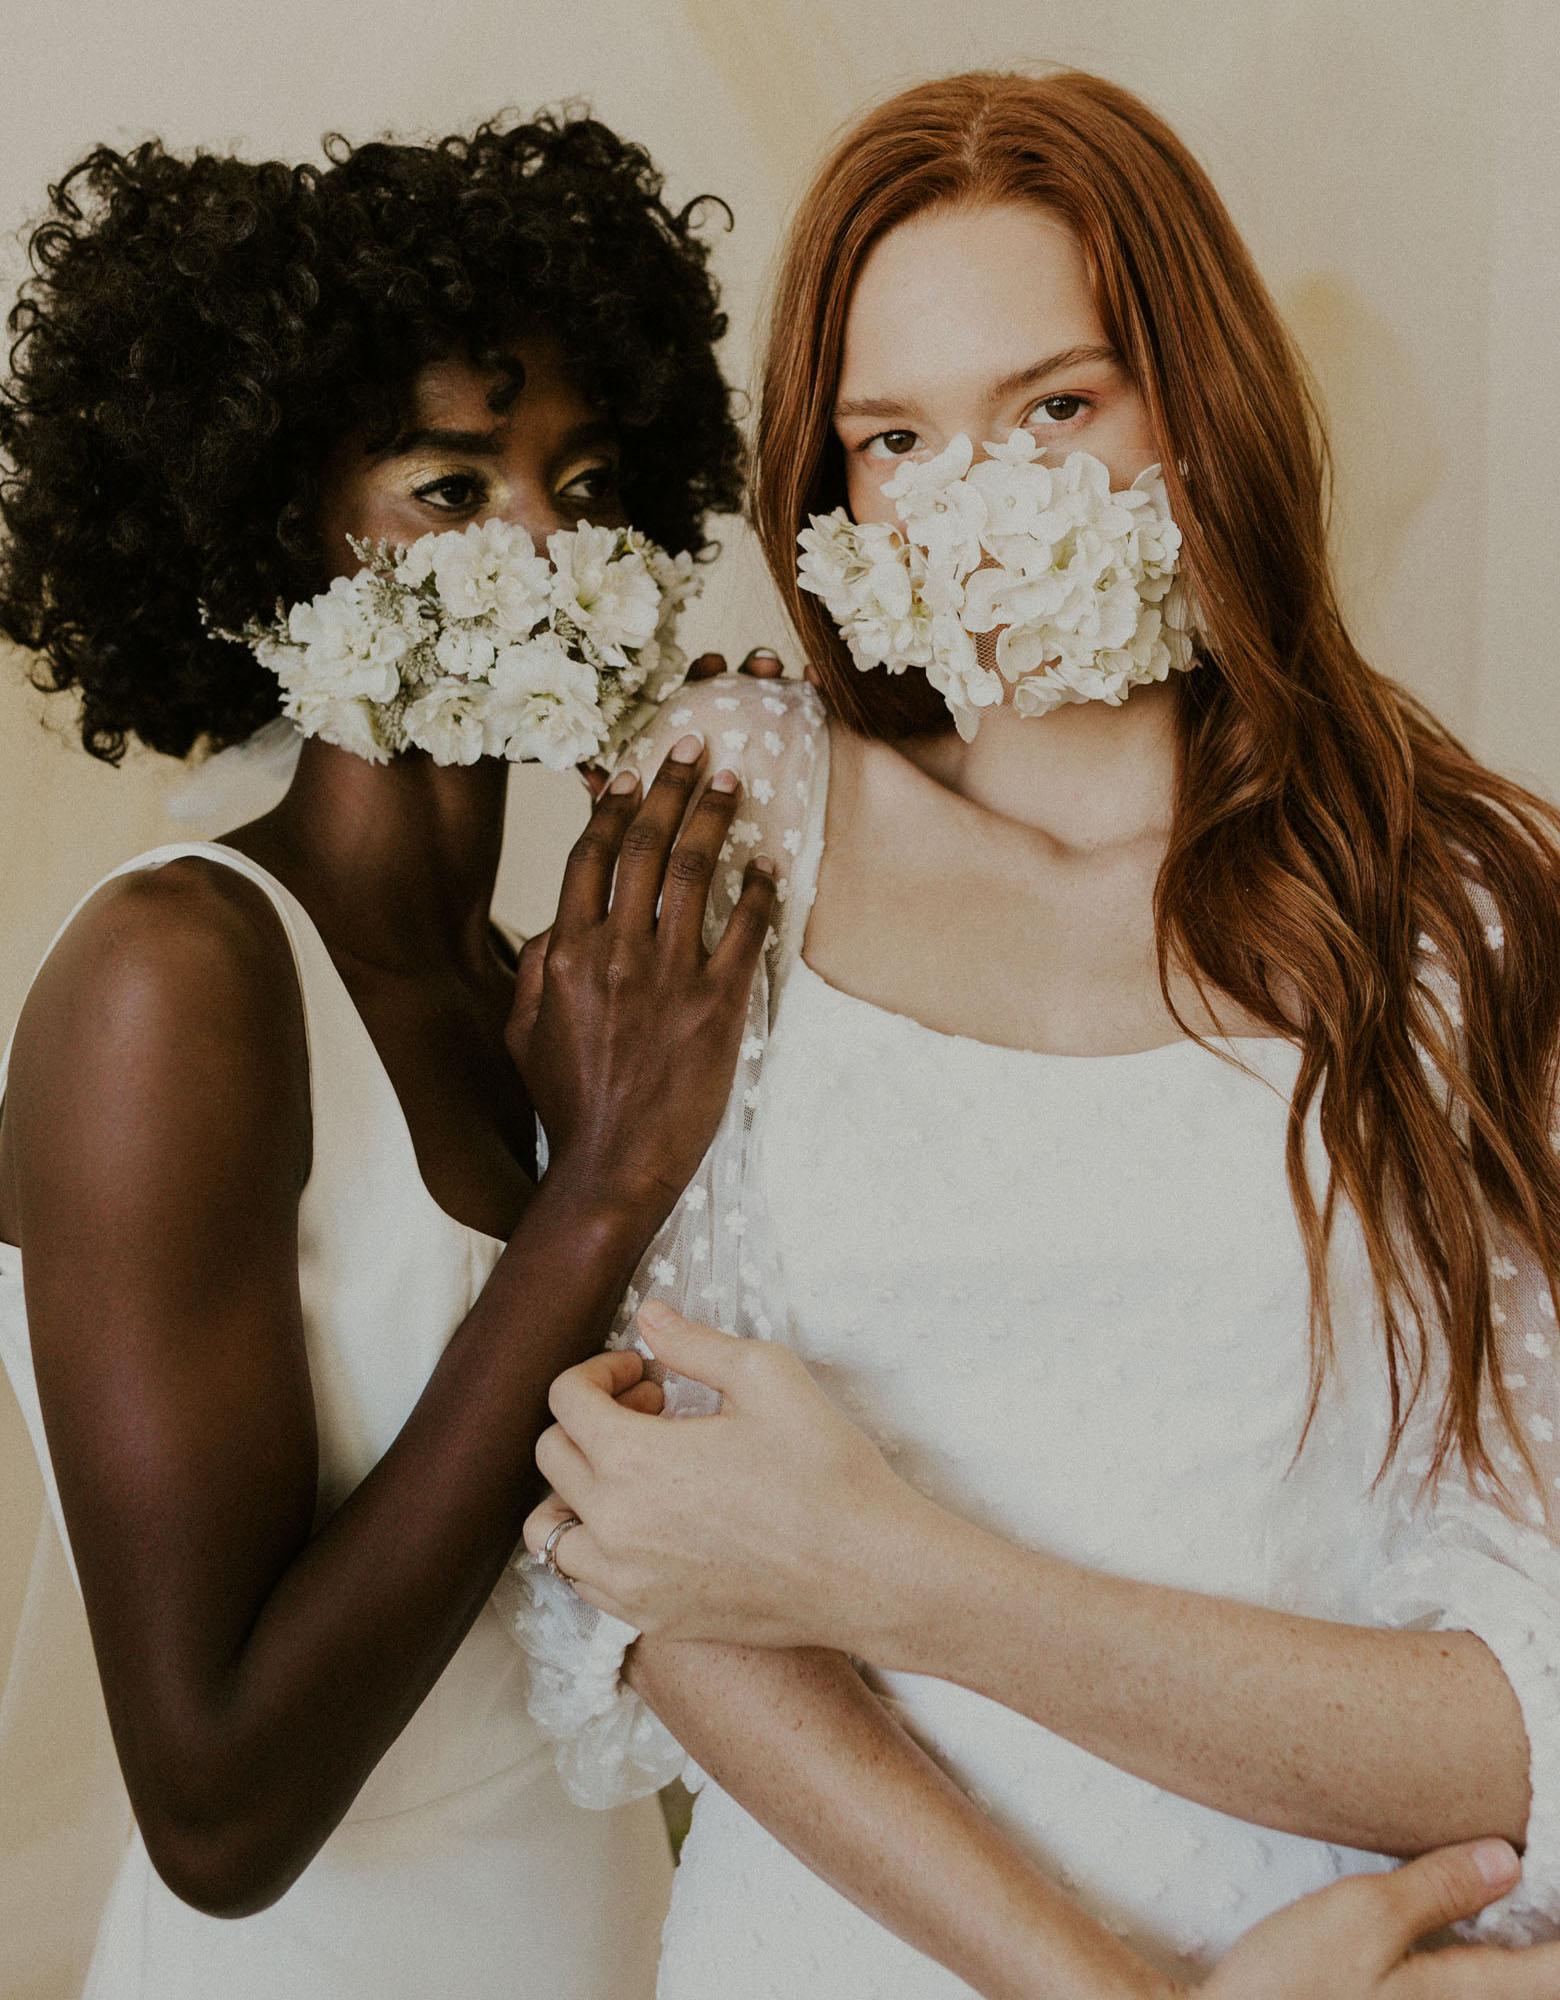 masque facial floral frais